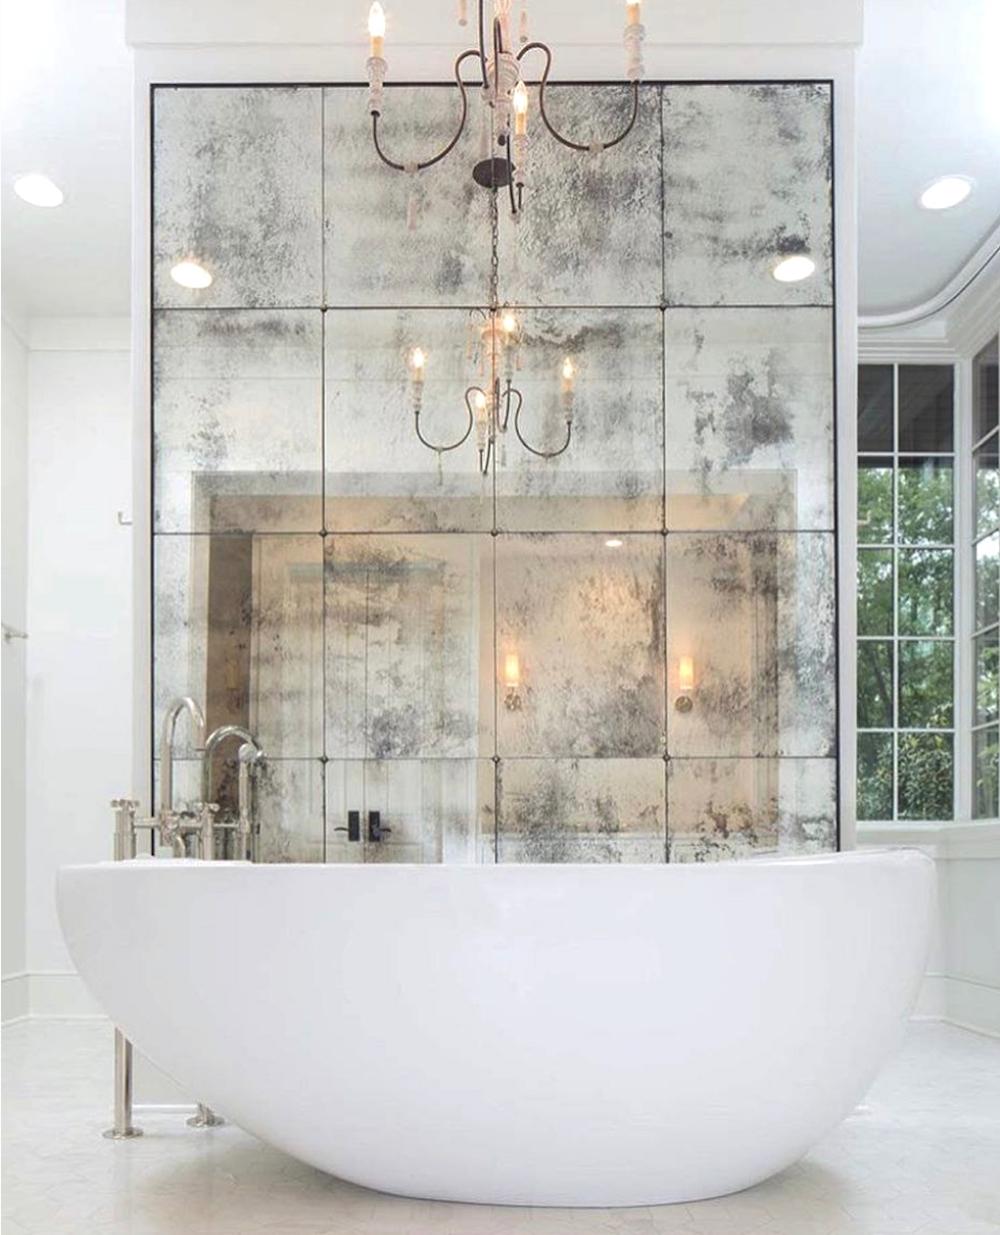 Feature walls that make a stunning design statement - FIRST SENSE ...